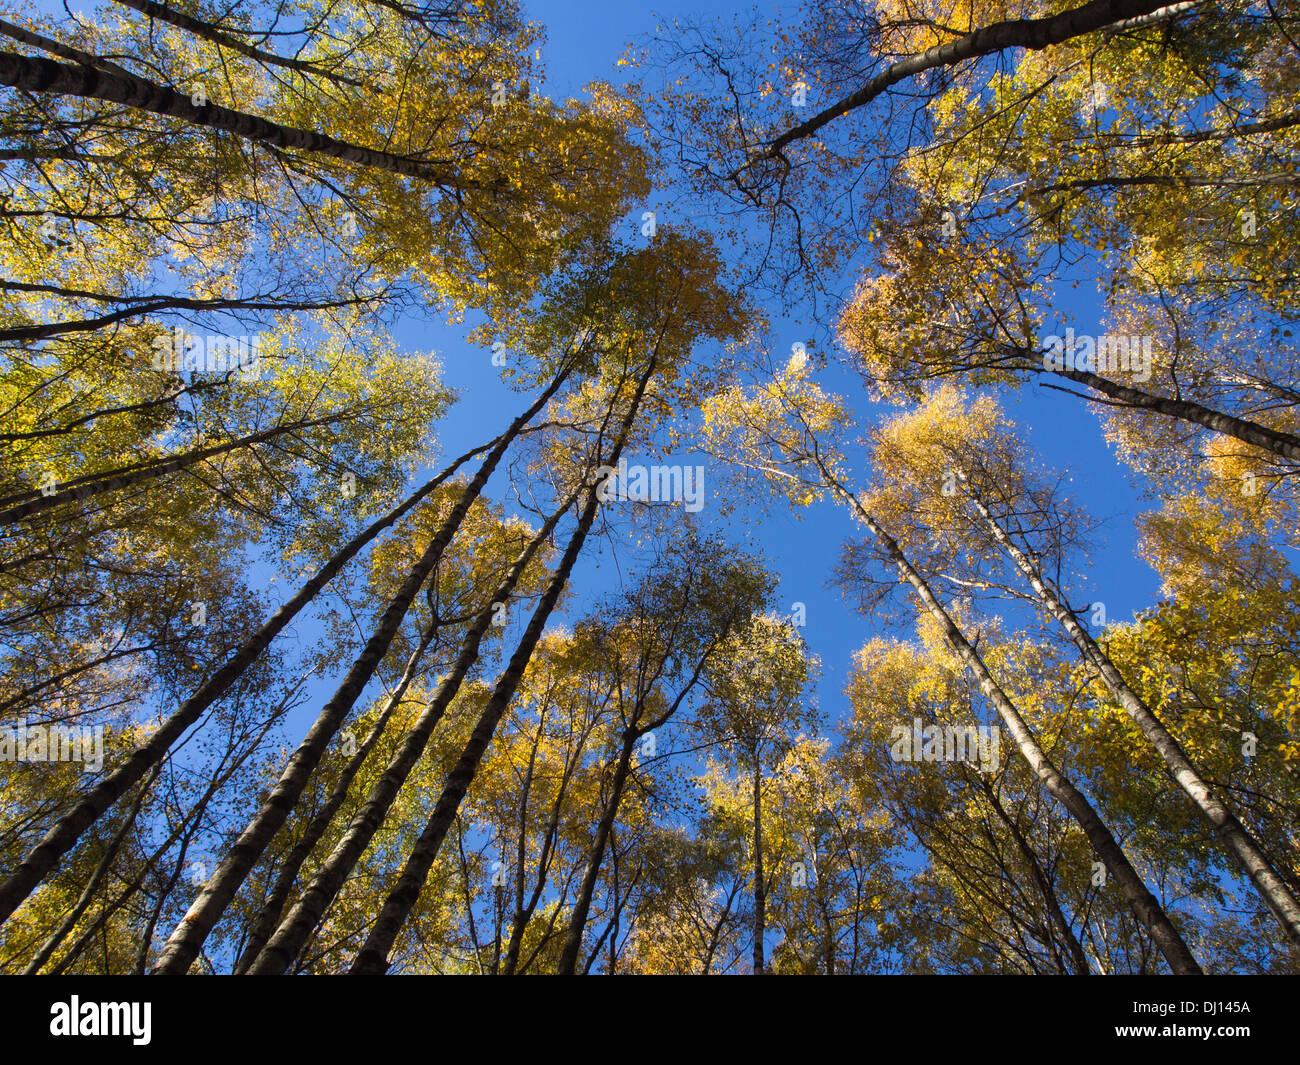 Otoño en un bosque de abedules, mirando hacia arriba en las copas de los árboles con hojas amarillas, y un cielo azul, Oslo Noruega Imagen De Stock